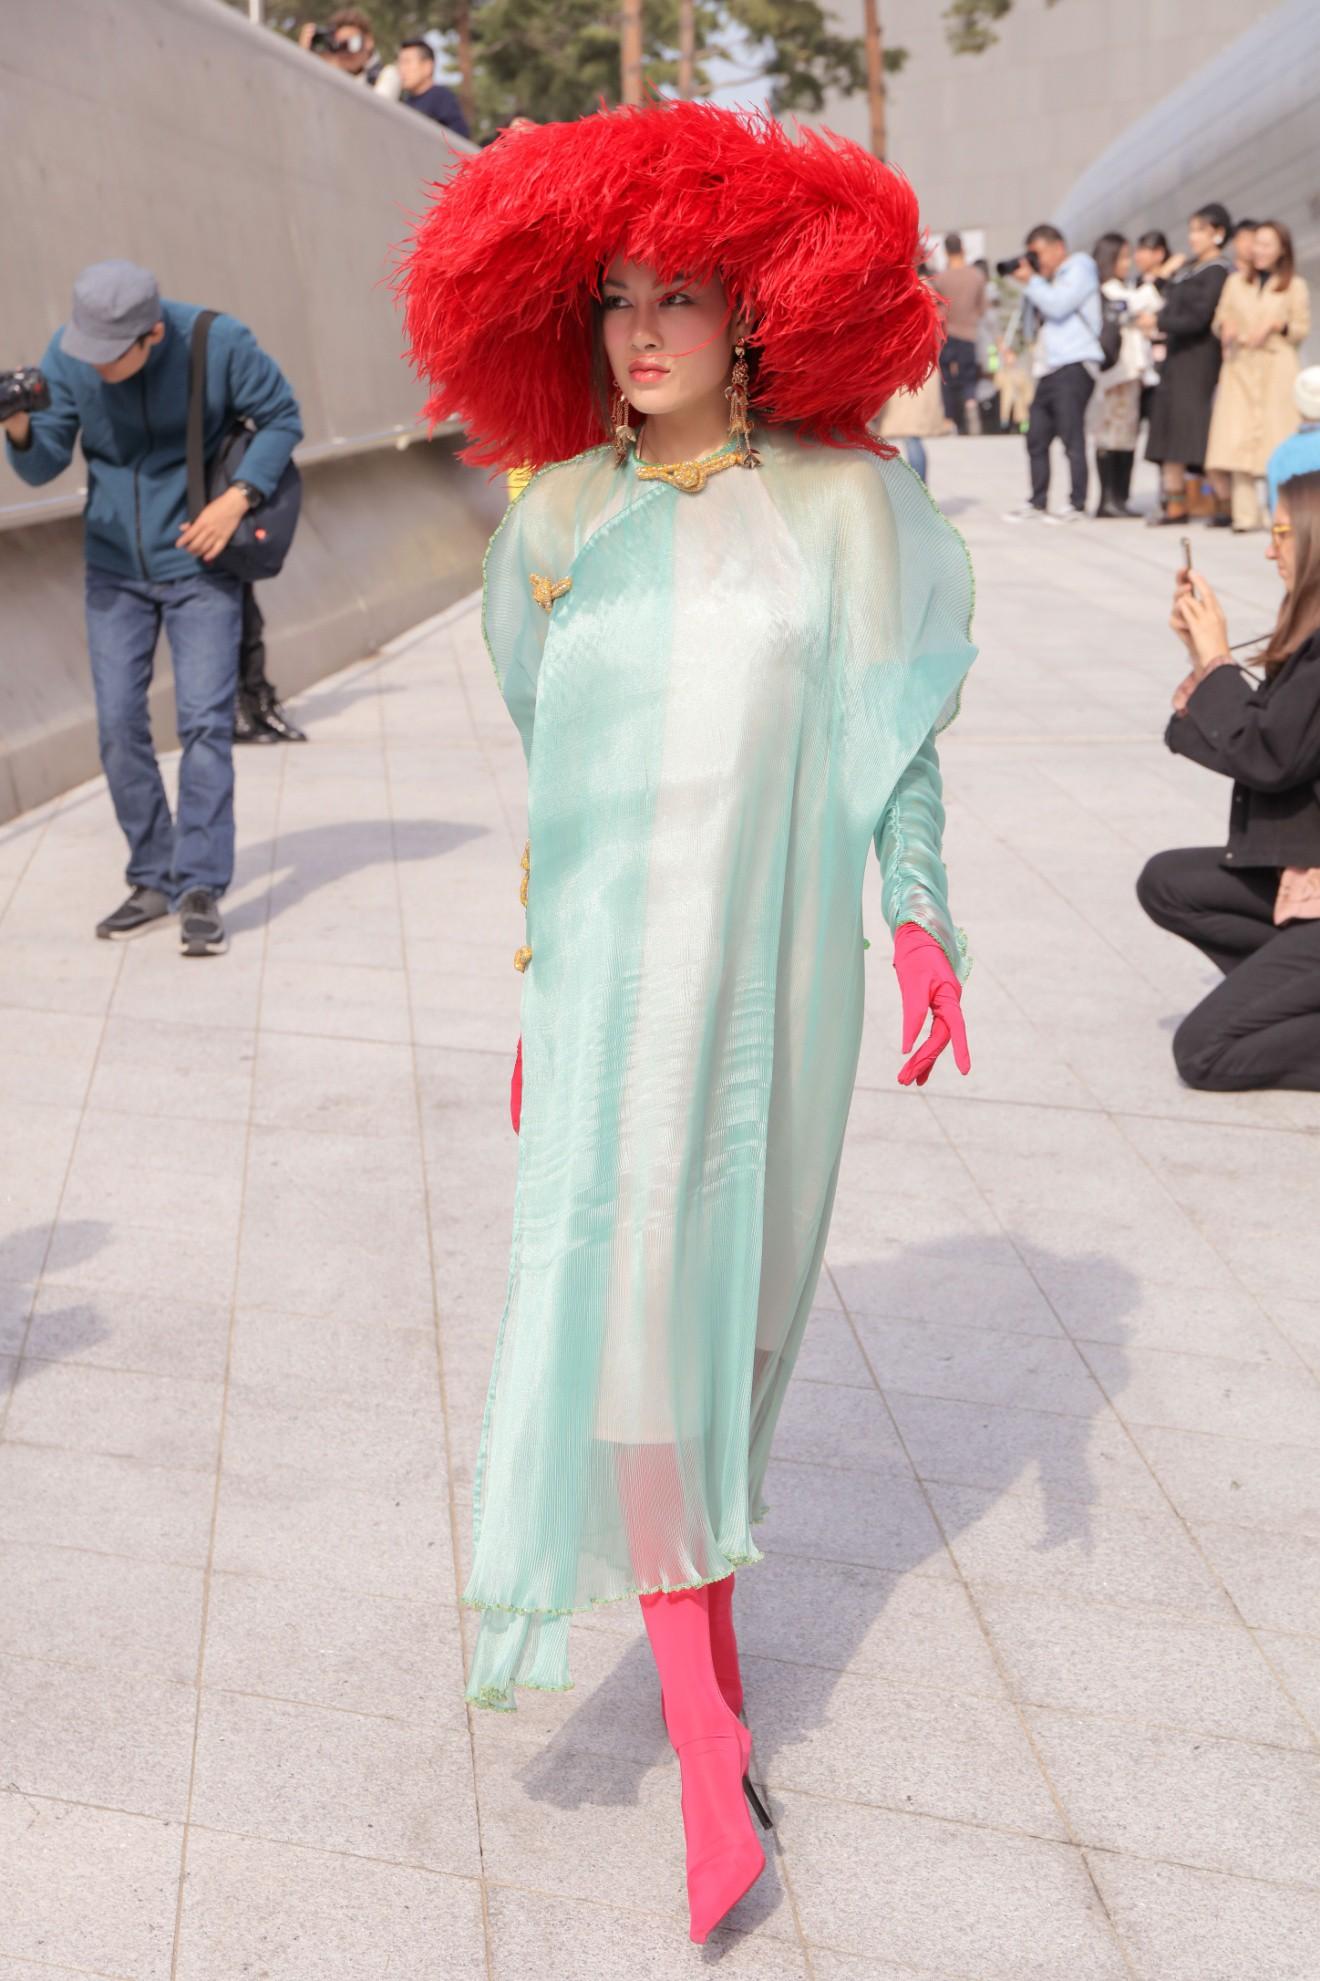 Giới mộ điệu ngỡ ngàng khi Hoa hậu Áo dài Tuyết Nga đem áo dài đính rồng kim loại đến Seoul Fashion Week 2019 - Ảnh 7.